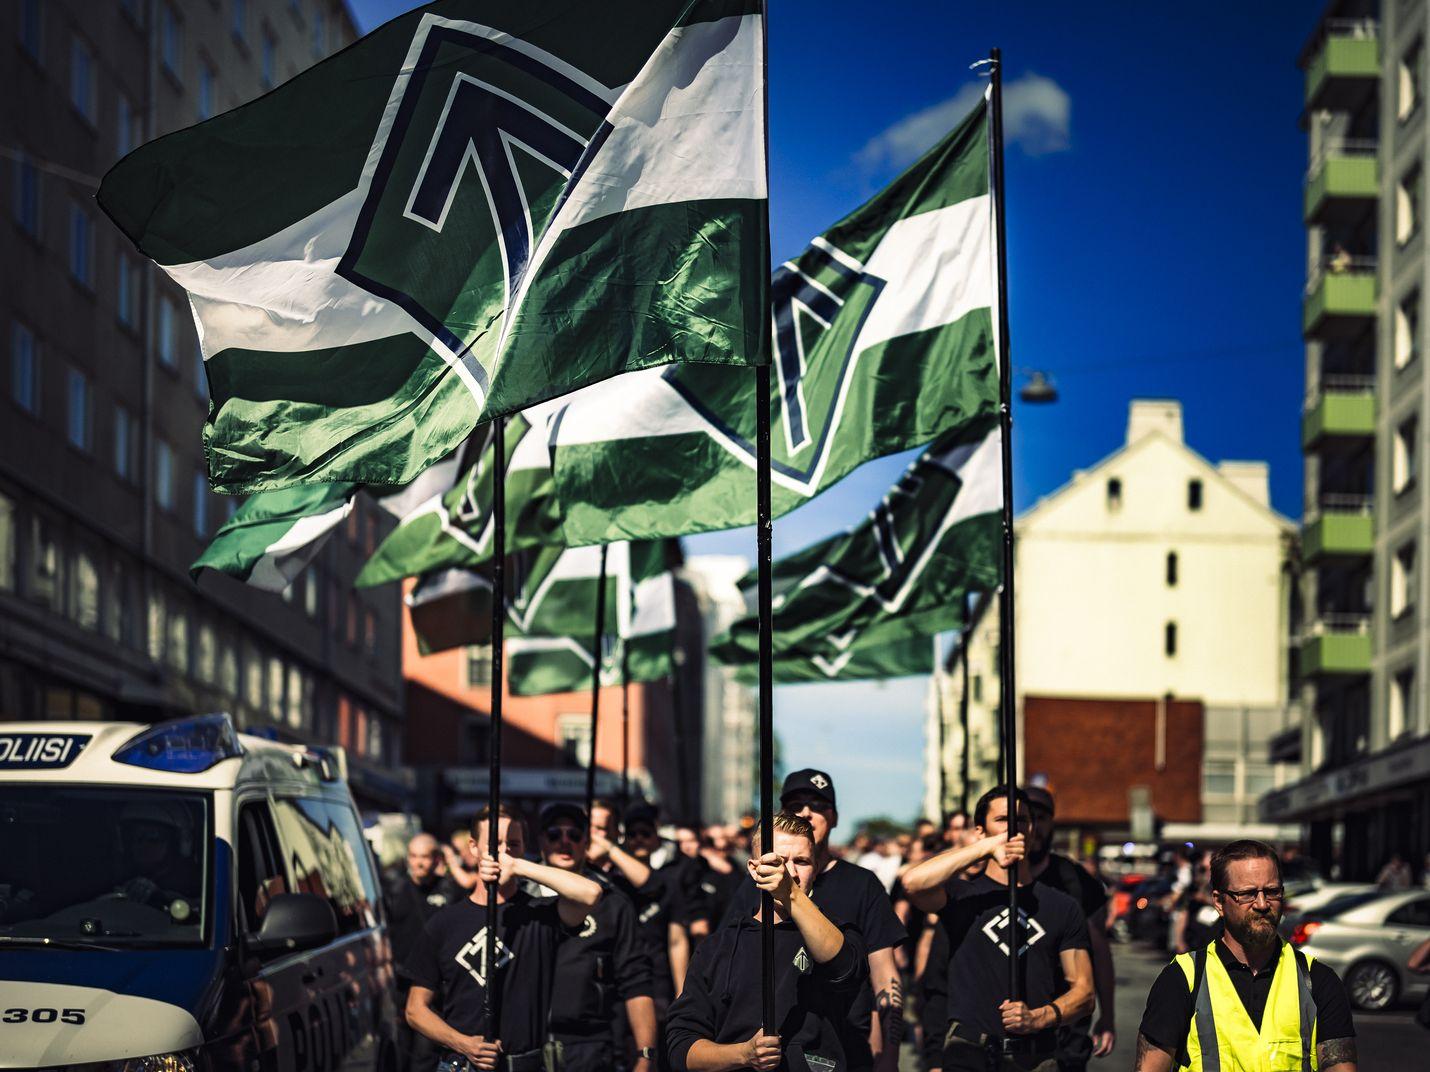 Pohjoismaisen vastarintaliikkeen mielenosoitus terrori-iskun vuosipäivänä Turussa vuonna 2018.